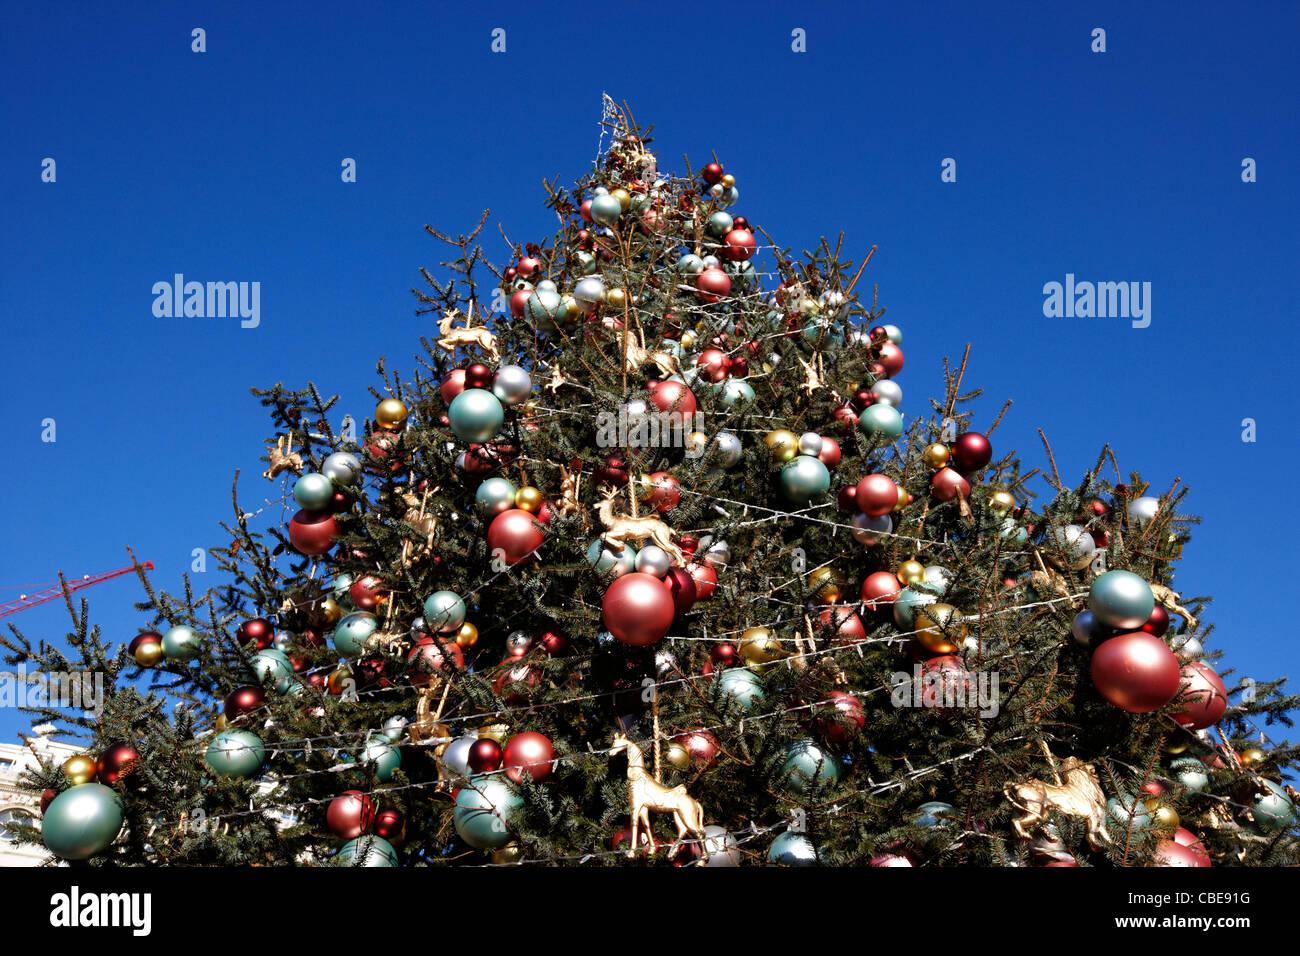 Weihnachtsbaum England.Outdoor Große Weihnachtsbaum Gegen Blauen Himmel London England